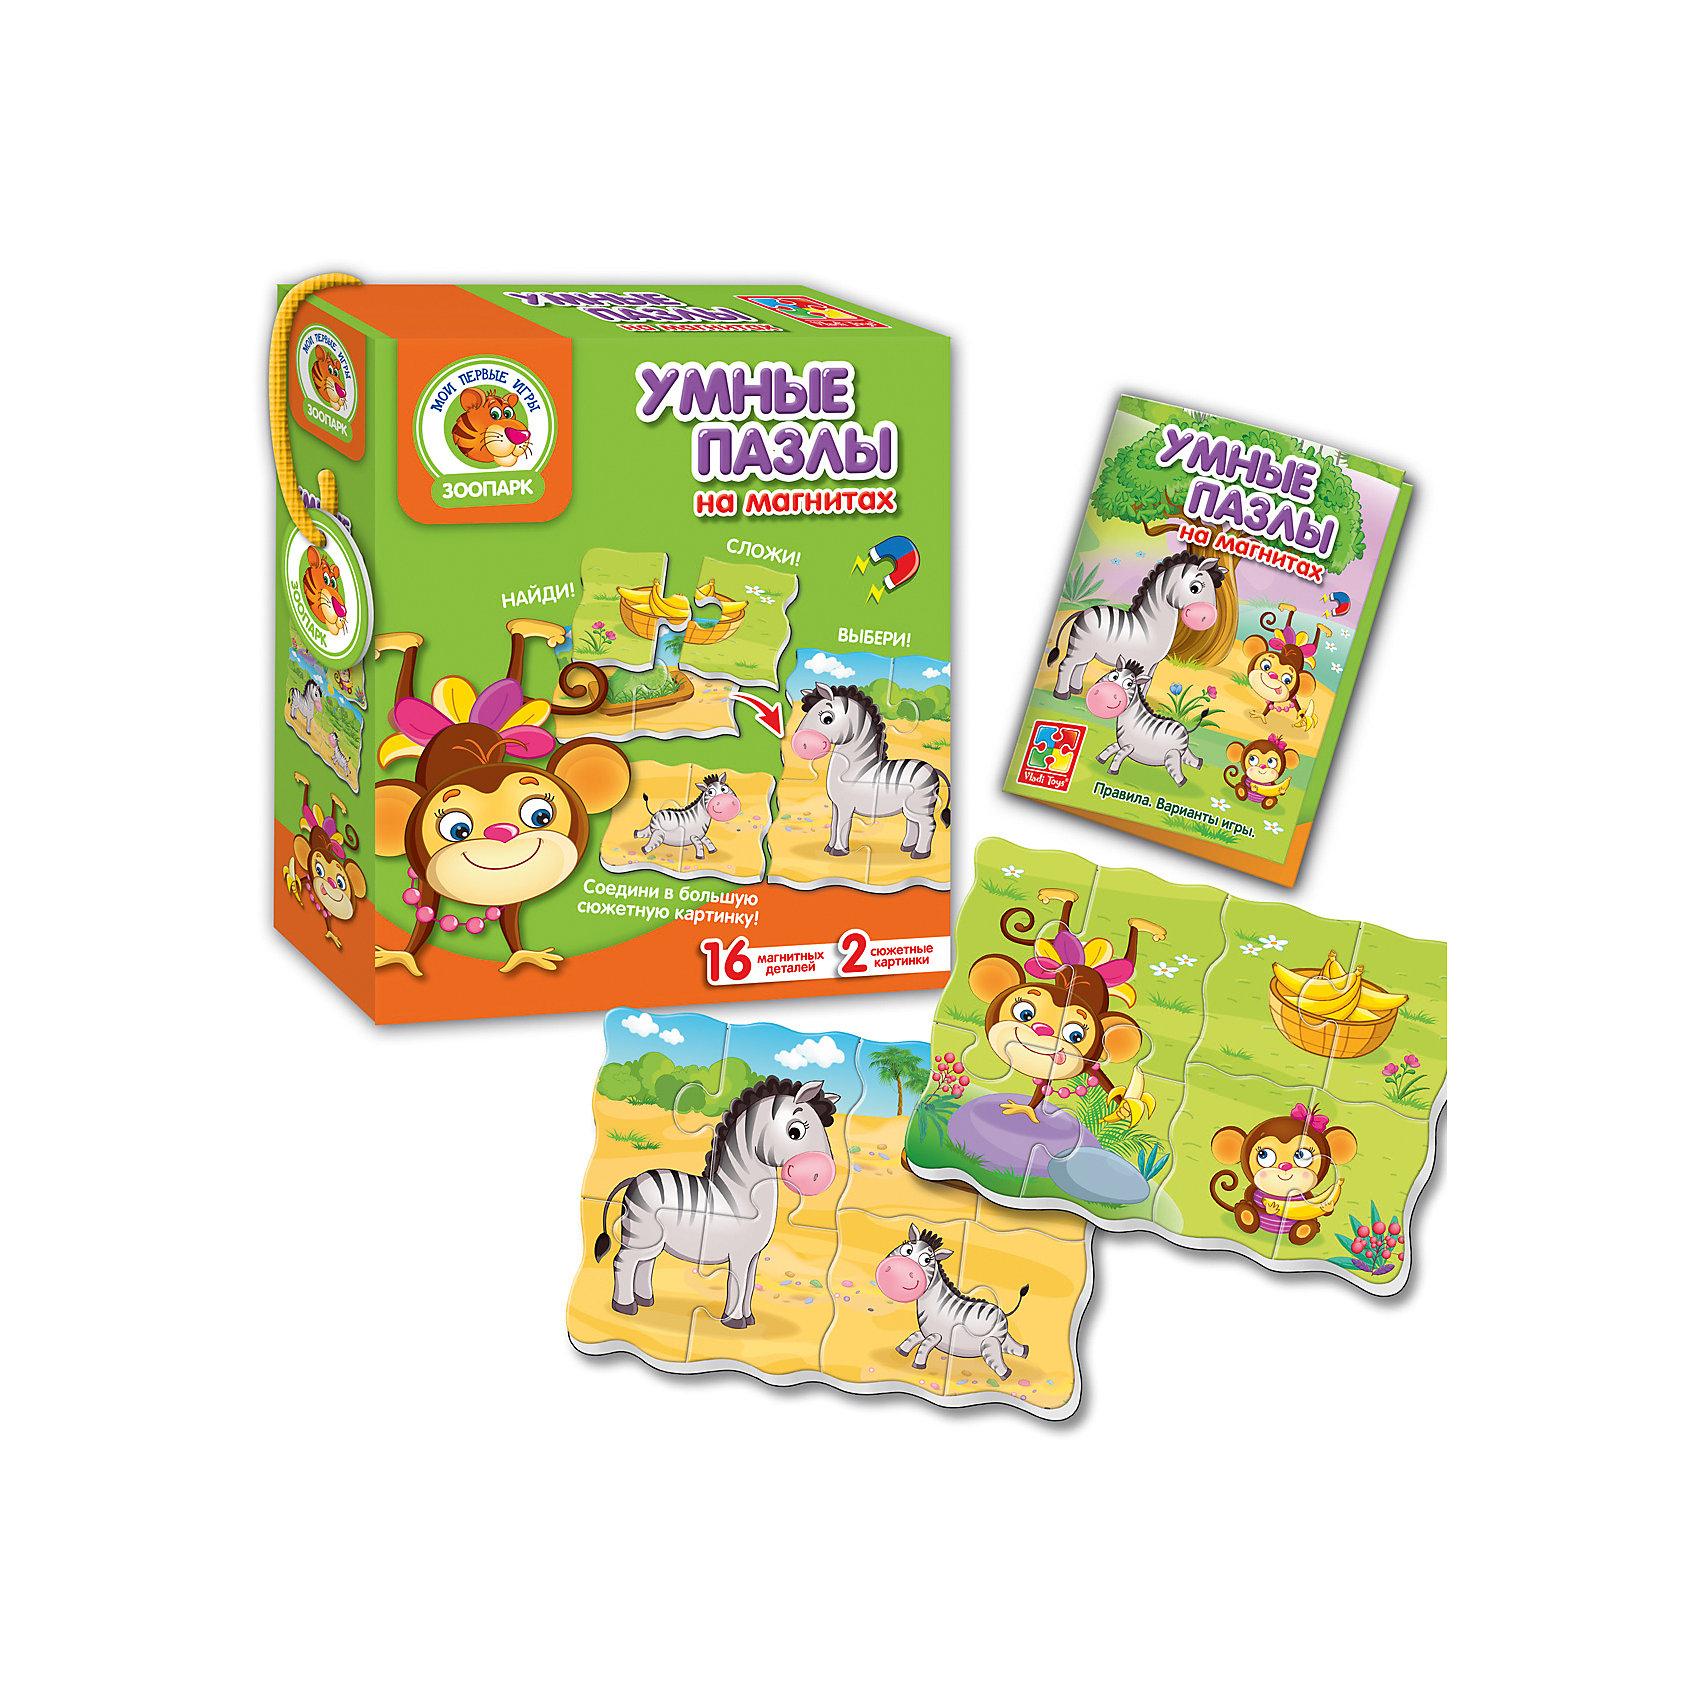 Умные пазлы на магнитах Зоопарк, Vladi ToysХарактеристики:<br><br>• Вид игр: развивающие<br>• Серия: пазлы-магниты<br>• Пол: универсальный<br>• Материал: полимер, картон, магнит<br>• Цвет: голубой, черный, белый, желтый, зеленый коричневый и др.<br>• Комплектация: 2 картинки из 16 элементов, инструкция<br>• Размеры (Д*Ш*В): 18*5*21 см<br>• Тип упаковки: картонная коробка<br>• Вес: 180 г<br>• Предусмотрено несколько вариантов игр<br>• Возможность вариации заданий по сложности <br><br>Умные пазлы на магнитах Зоопарк, Vladi Toys, производителем которых является компания, специализирующаяся на выпуске развивающих игр, давно уже стали популярными среди аналогичной продукции. Мягкие пазлы – идеальное решение для развивающих занятий с самыми маленькими детьми, так как они разделены на большие элементы с крупными изображениями, чаще всего в качестве картинок используются герои популярных мультсериалов. Самое важное в пазле для малышей – это минимум деталей и безопасность элементов. Все используемые в производстве материалы являются экологически безопасными, не вызывают аллергии, не имеют запаха. Умные пазлы на магнитах Зоопарк, Vladi Toys представляют собой 2 сюжетные картинки, которая можно собирать как по отдельности, так и объединять в одну. Игра предусматривает несколько вариантов заданий, сложность которых может быть различной. На картинке изображены взрослые животные с малышами.<br>Занятия с пазлами от Vladi Toys способствуют развитию не только мелкой моторики, но и внимательности, усидчивости, терпению при достижении цели. Кроме того, по собранной картинке можно составлять рассказ, что позволит развивать речевые навыки, память и воображение.<br><br>Умные пазлы на магнитах Зоопарк, Vladi Toys можно купить в нашем интернет-магазине.<br><br>Ширина мм: 180<br>Глубина мм: 50<br>Высота мм: 210<br>Вес г: 0<br>Возраст от месяцев: 24<br>Возраст до месяцев: 60<br>Пол: Унисекс<br>Возраст: Детский<br>SKU: 5136101